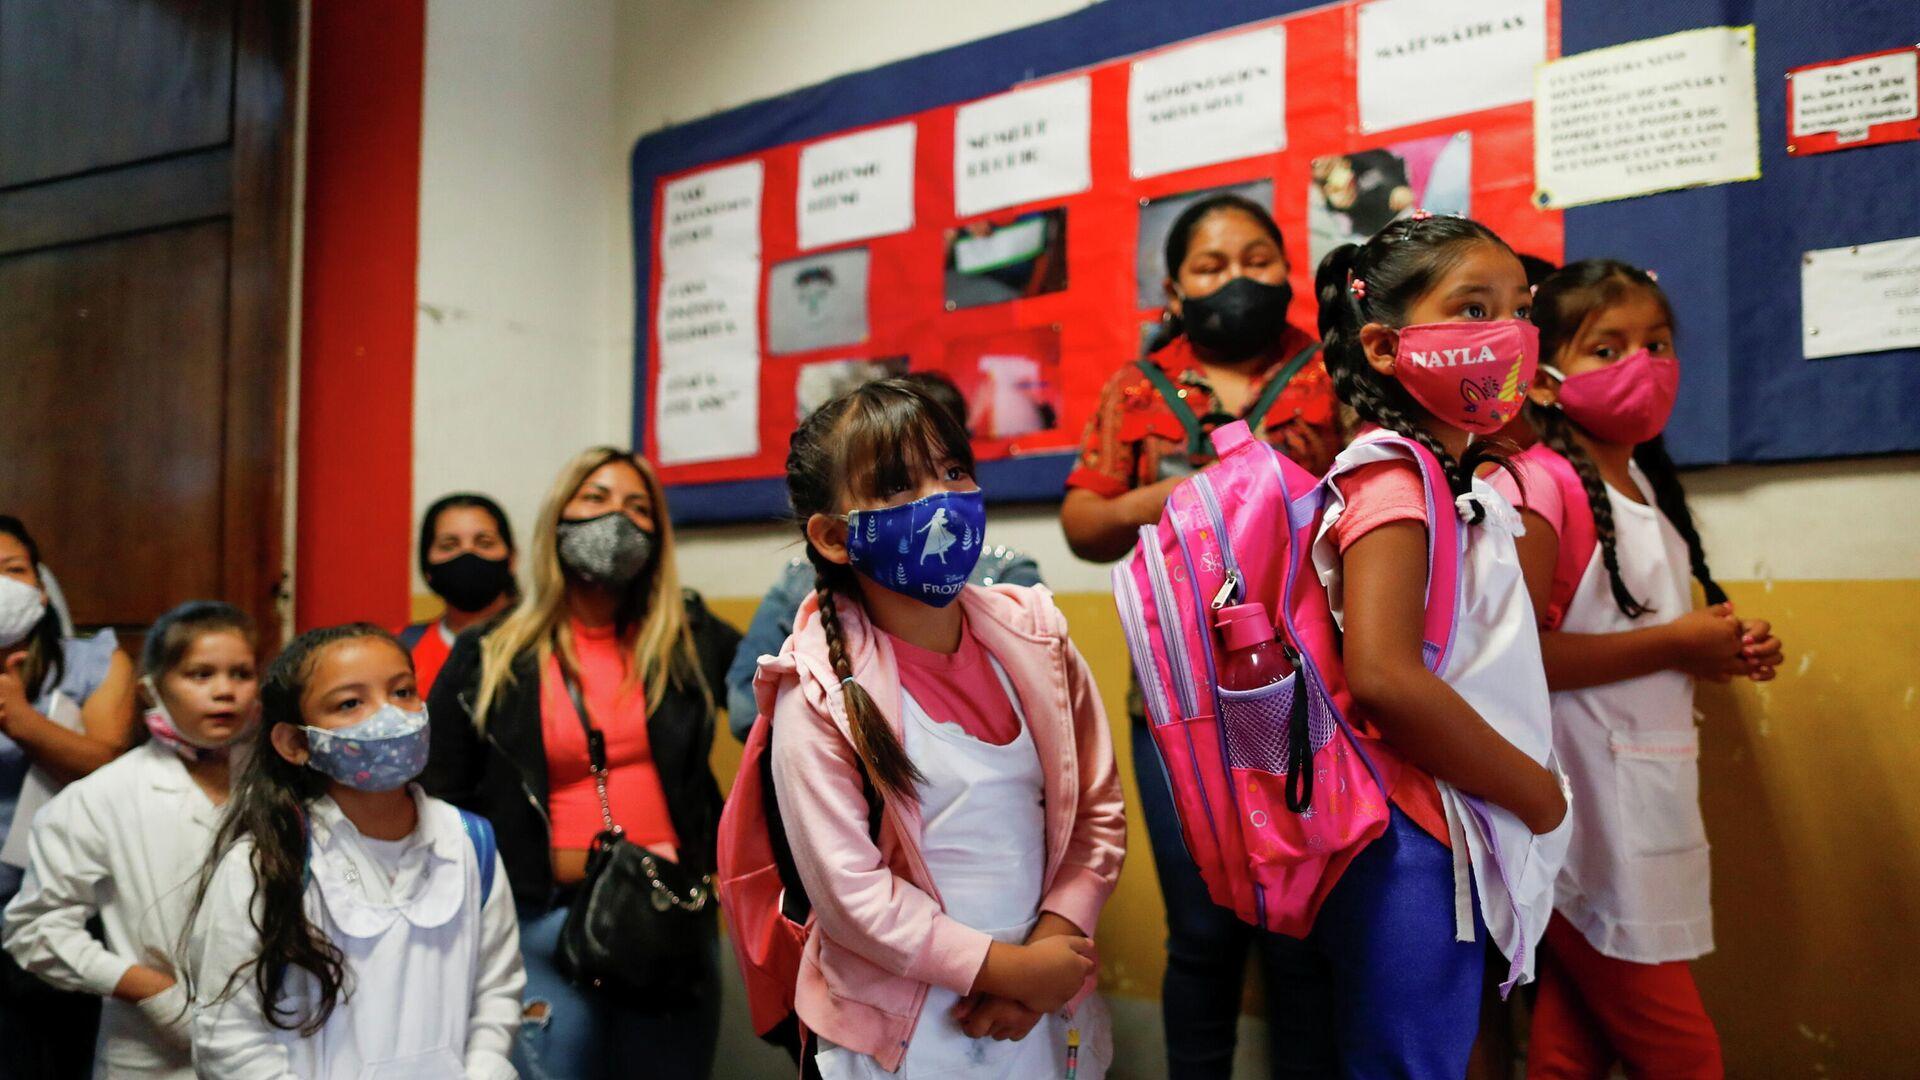 Los alumnos vuelven a clase tras un año de virtualidad en la capital argentina - Sputnik Mundo, 1920, 17.02.2021